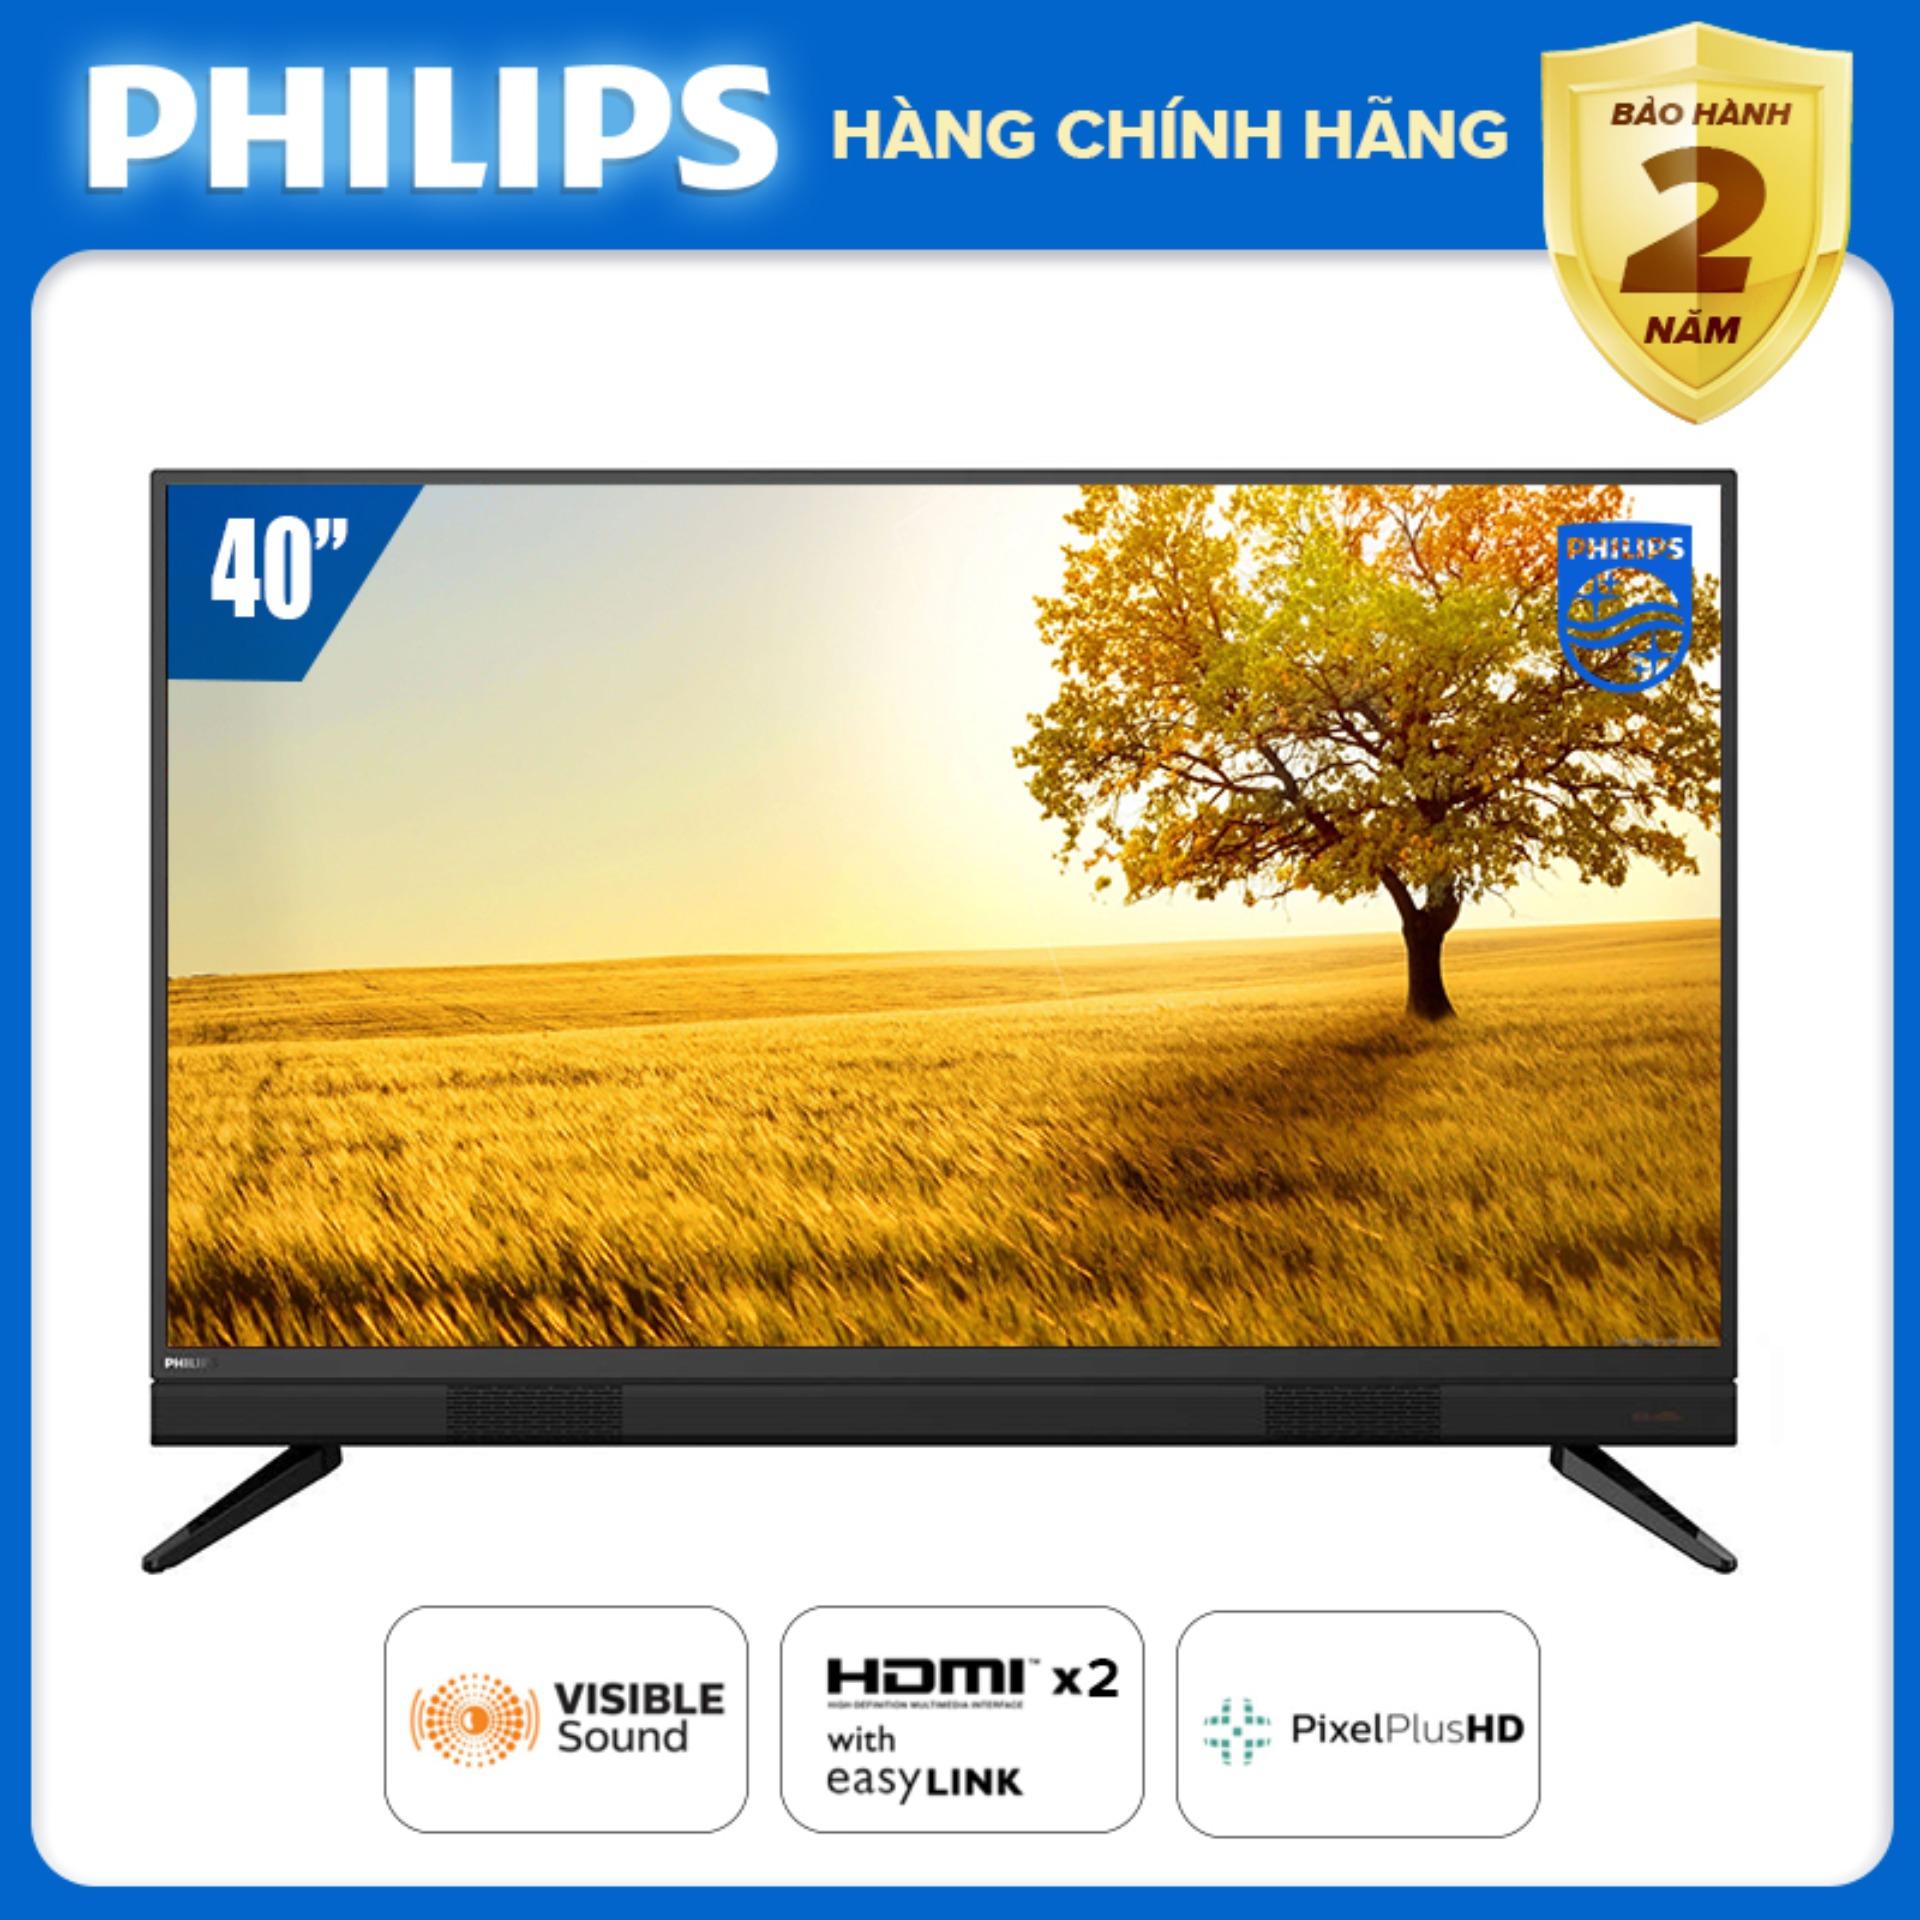 Bảng giá Tivi Philips 40 inch LED FULL HD (Digital TV DVB-T2 hàng Thái Lan) tivi giá rẻ - Bảo hành 2 năm tại nhà - Tặng quà USB 16G - 40PFT5583/74 [Đặt hàng trước]